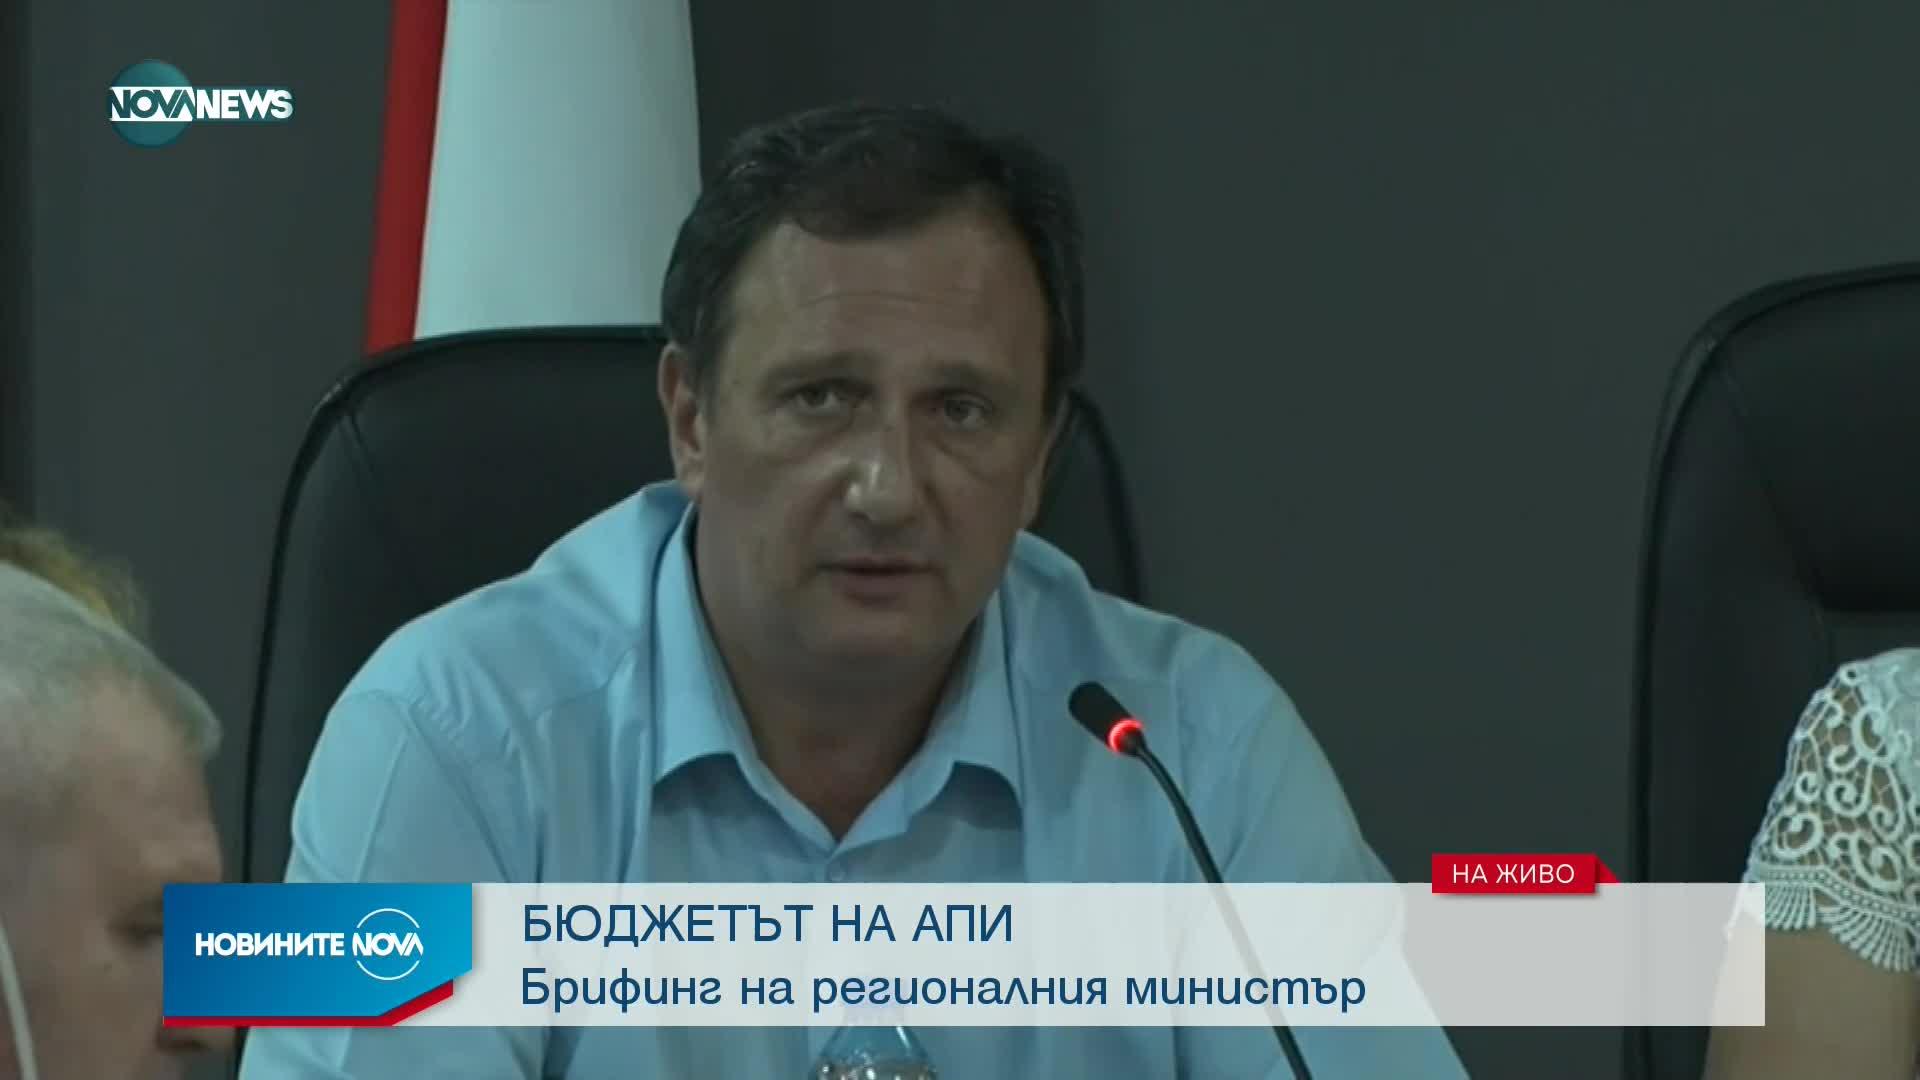 Брифинг на регионалния министър Виолета Комитова